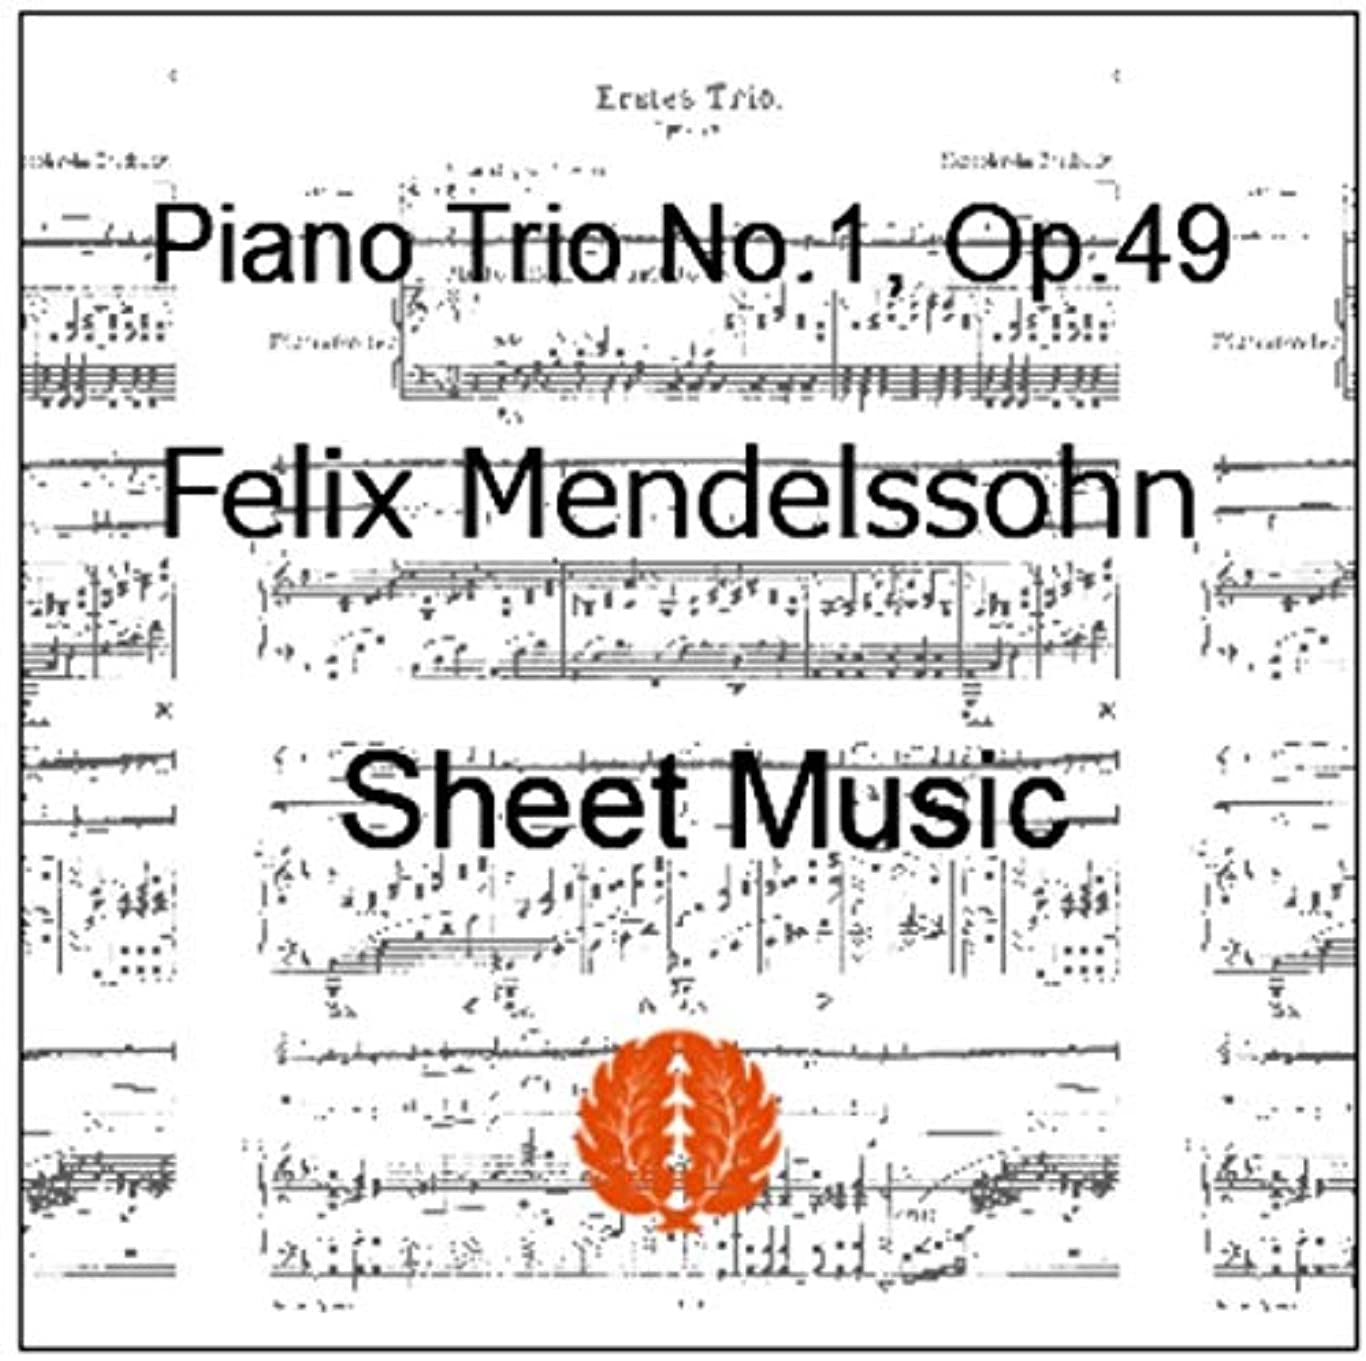 期限切れ骨髄フォルダ楽譜 pdf メンデルスゾーン ピアノ三重奏曲第1番 ニ短調 Op. 49 全パート譜セット